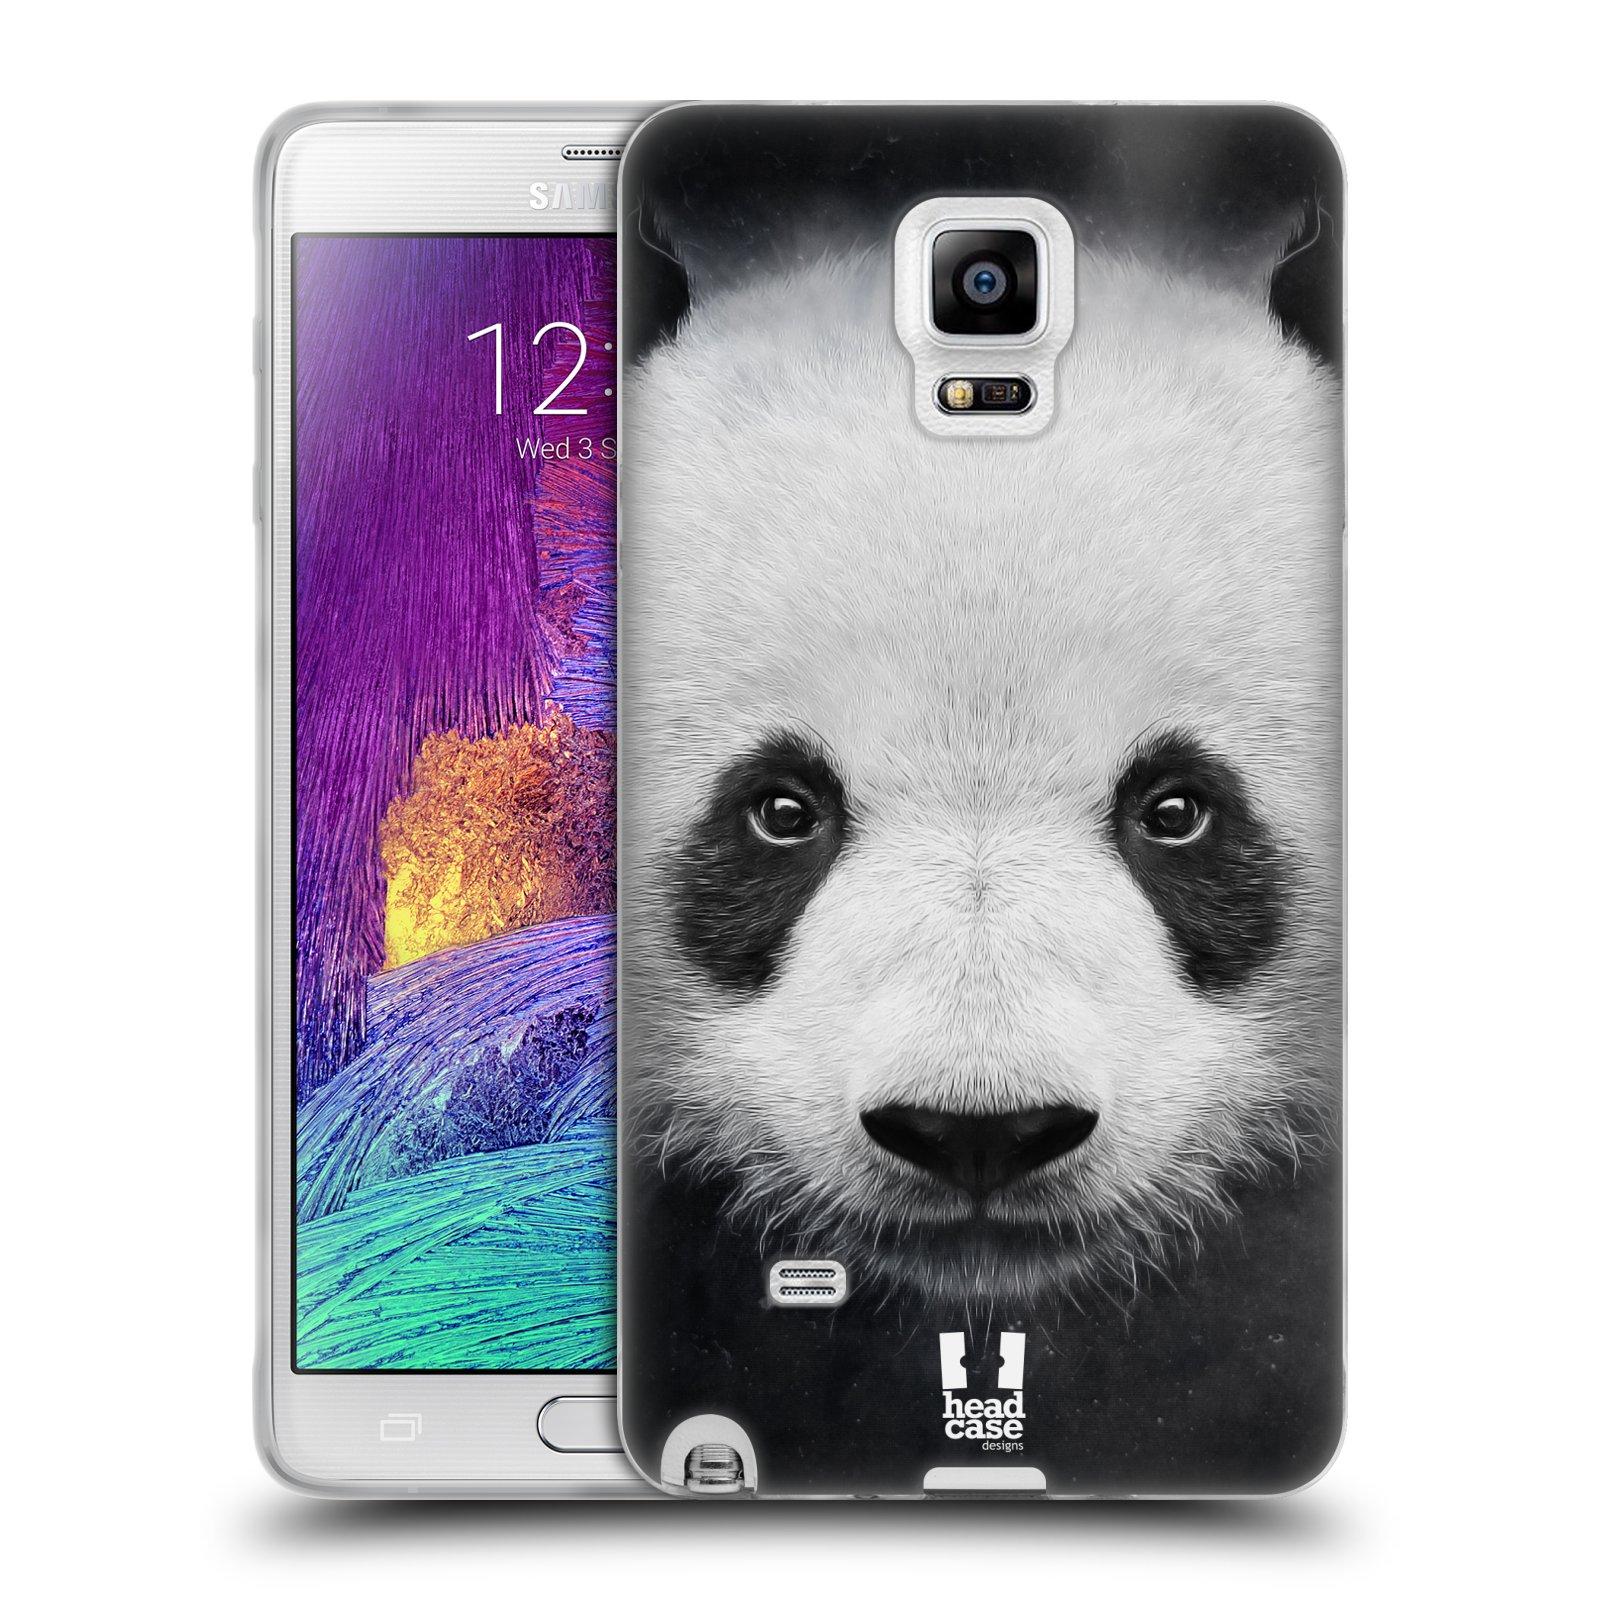 HEAD CASE silikonový obal na mobil Samsung Galaxy Note 4 (N910) vzor Zvířecí tváře medvěd panda